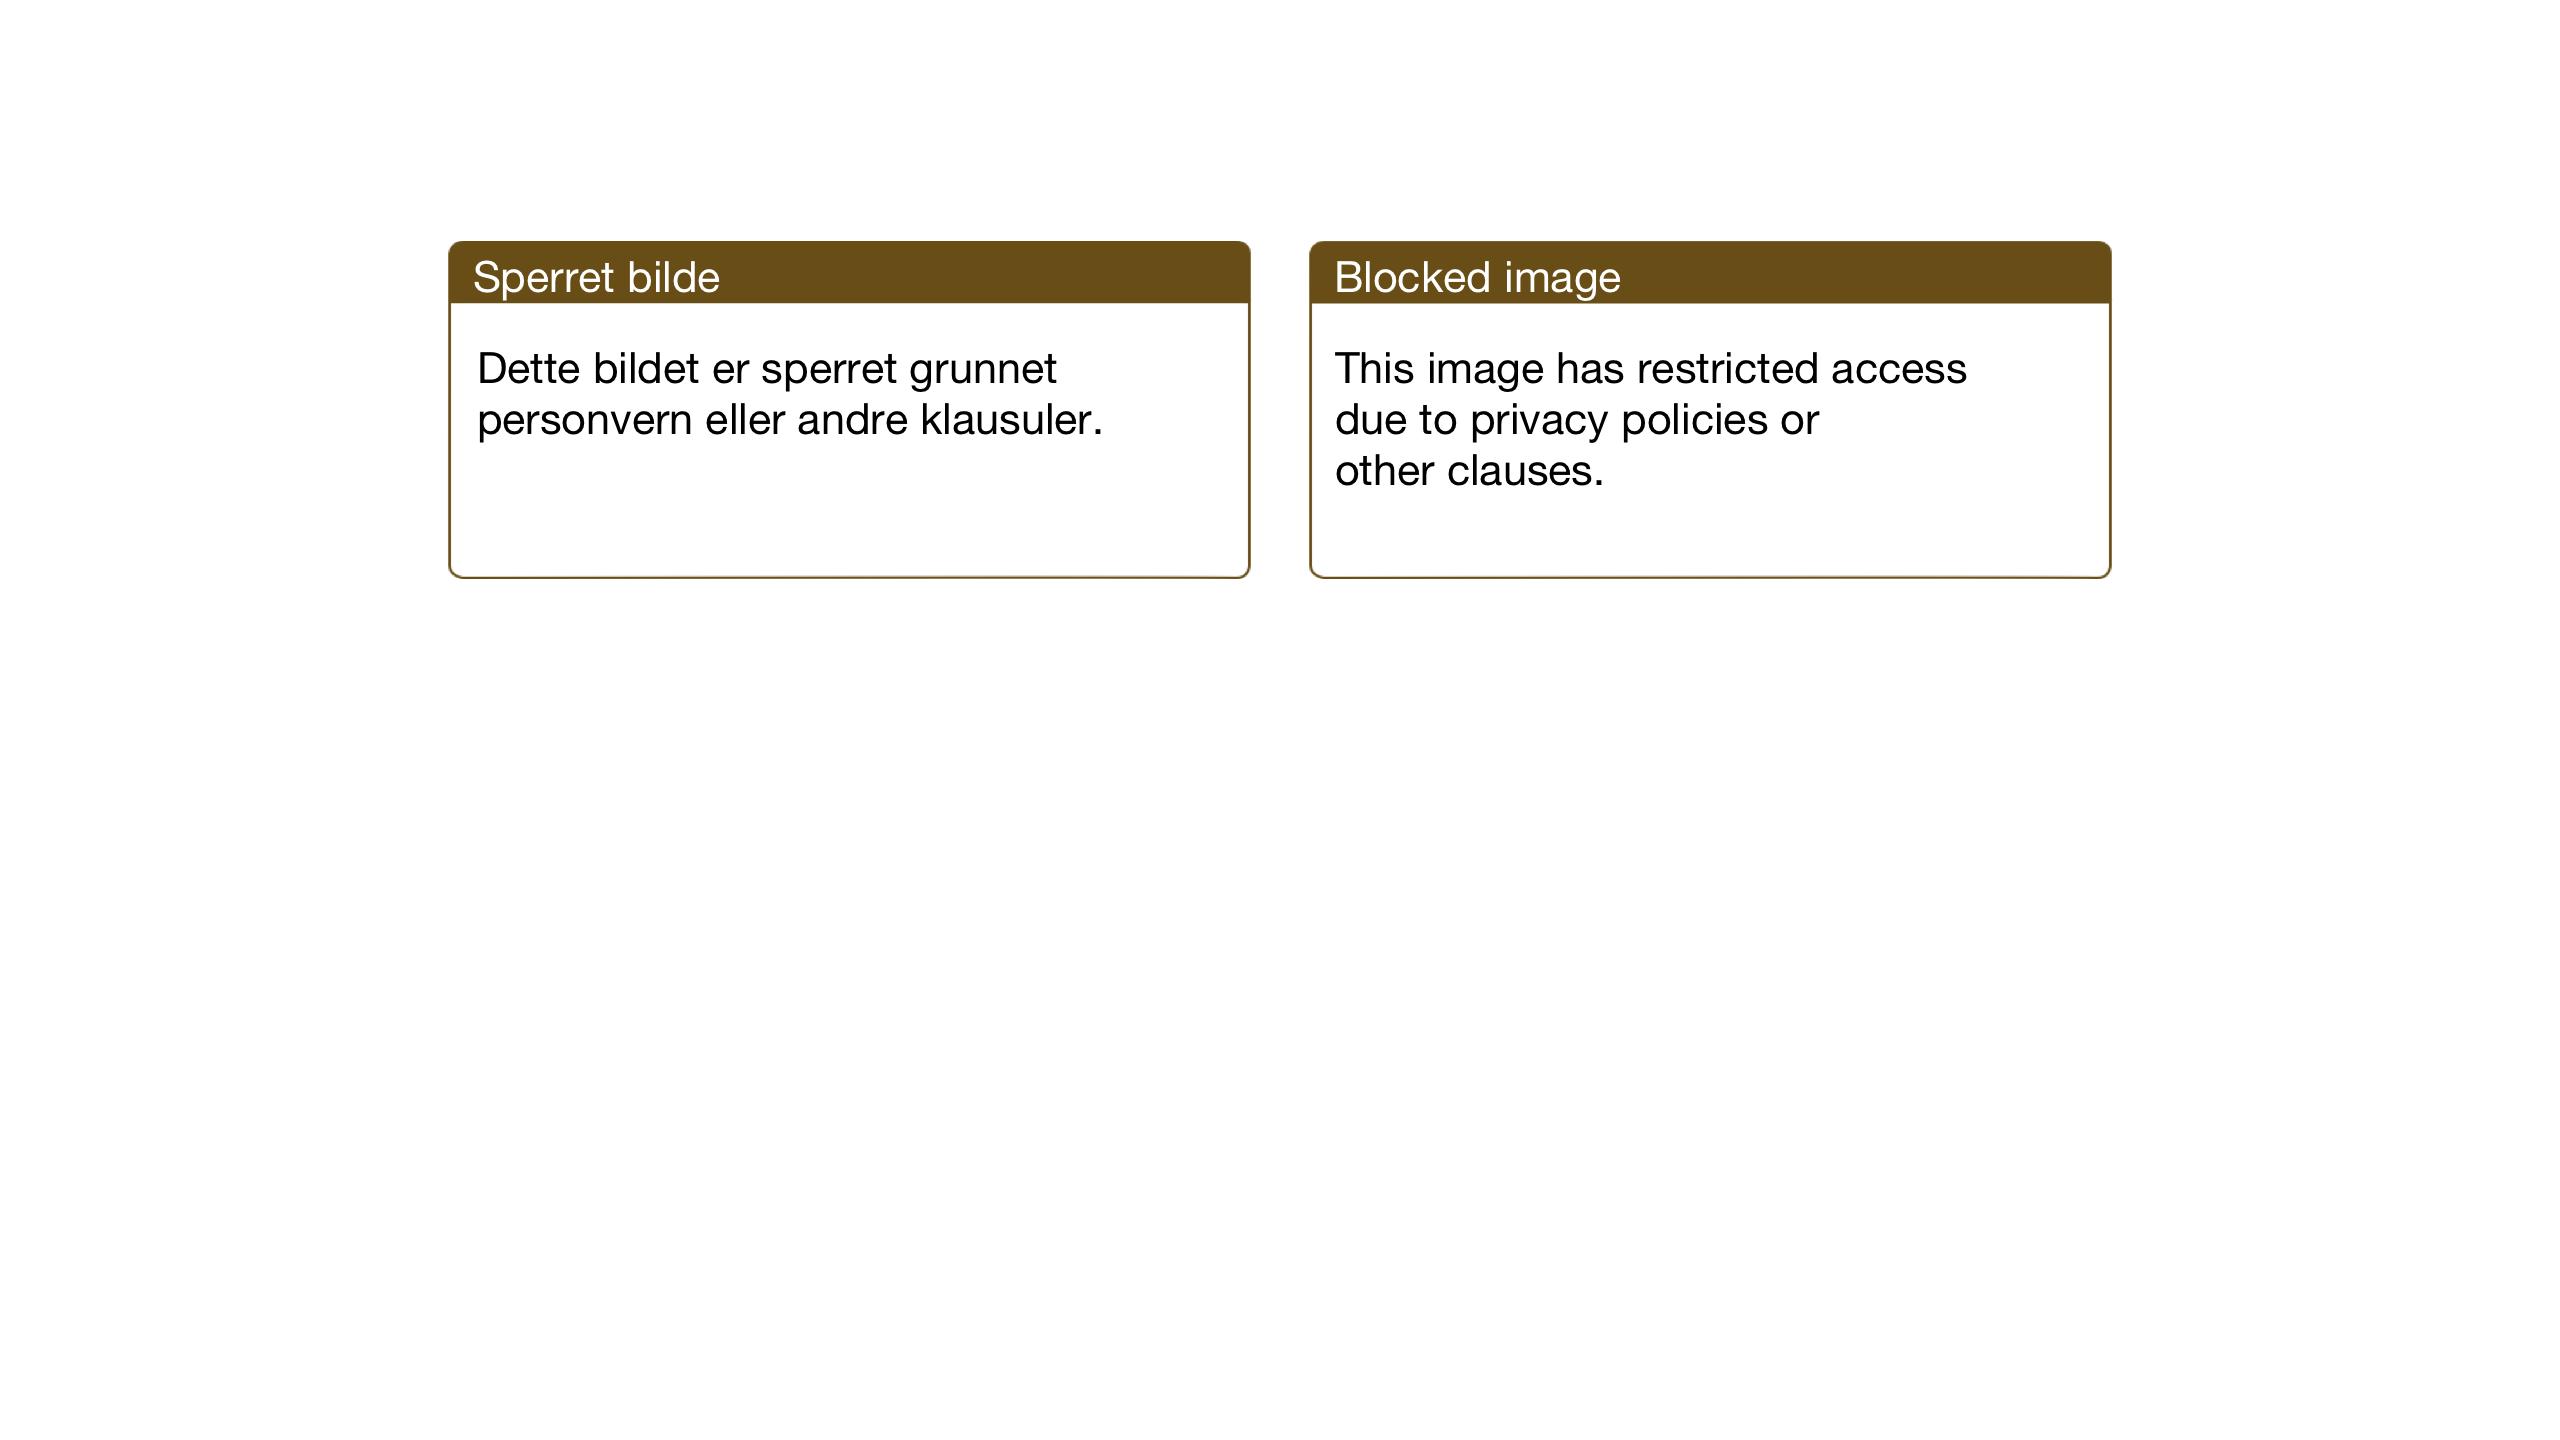 SAT, Ministerialprotokoller, klokkerbøker og fødselsregistre - Nord-Trøndelag, 770/L0591: Klokkerbok nr. 770C02, 1902-1940, s. 85